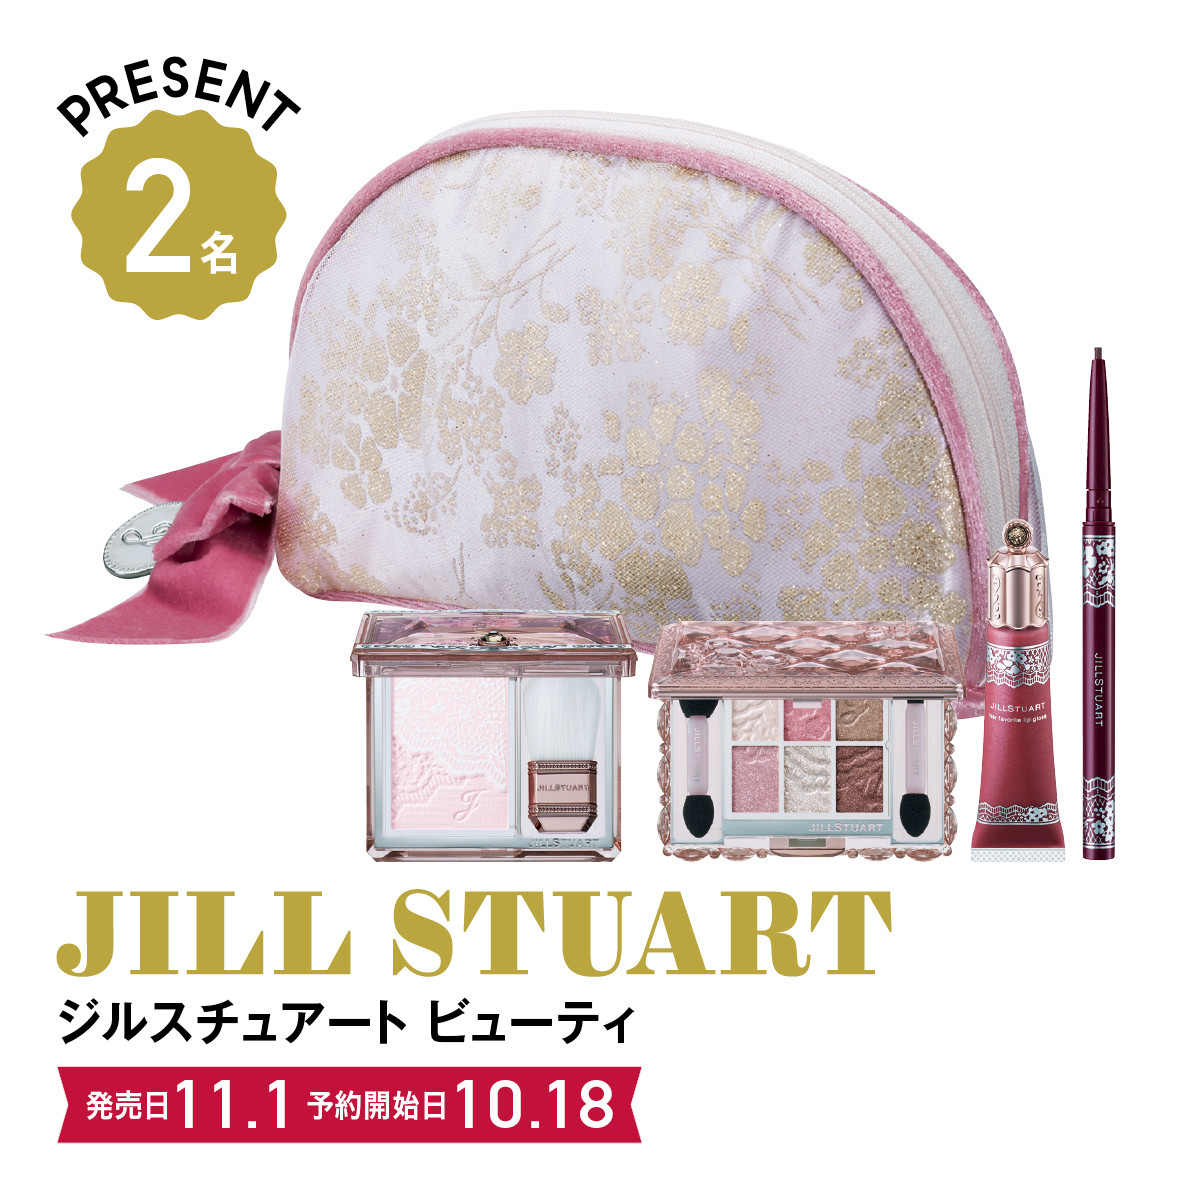 2019クリスマスコフレ&限定品:JILL STUART/ジルスチュアート ビューティ